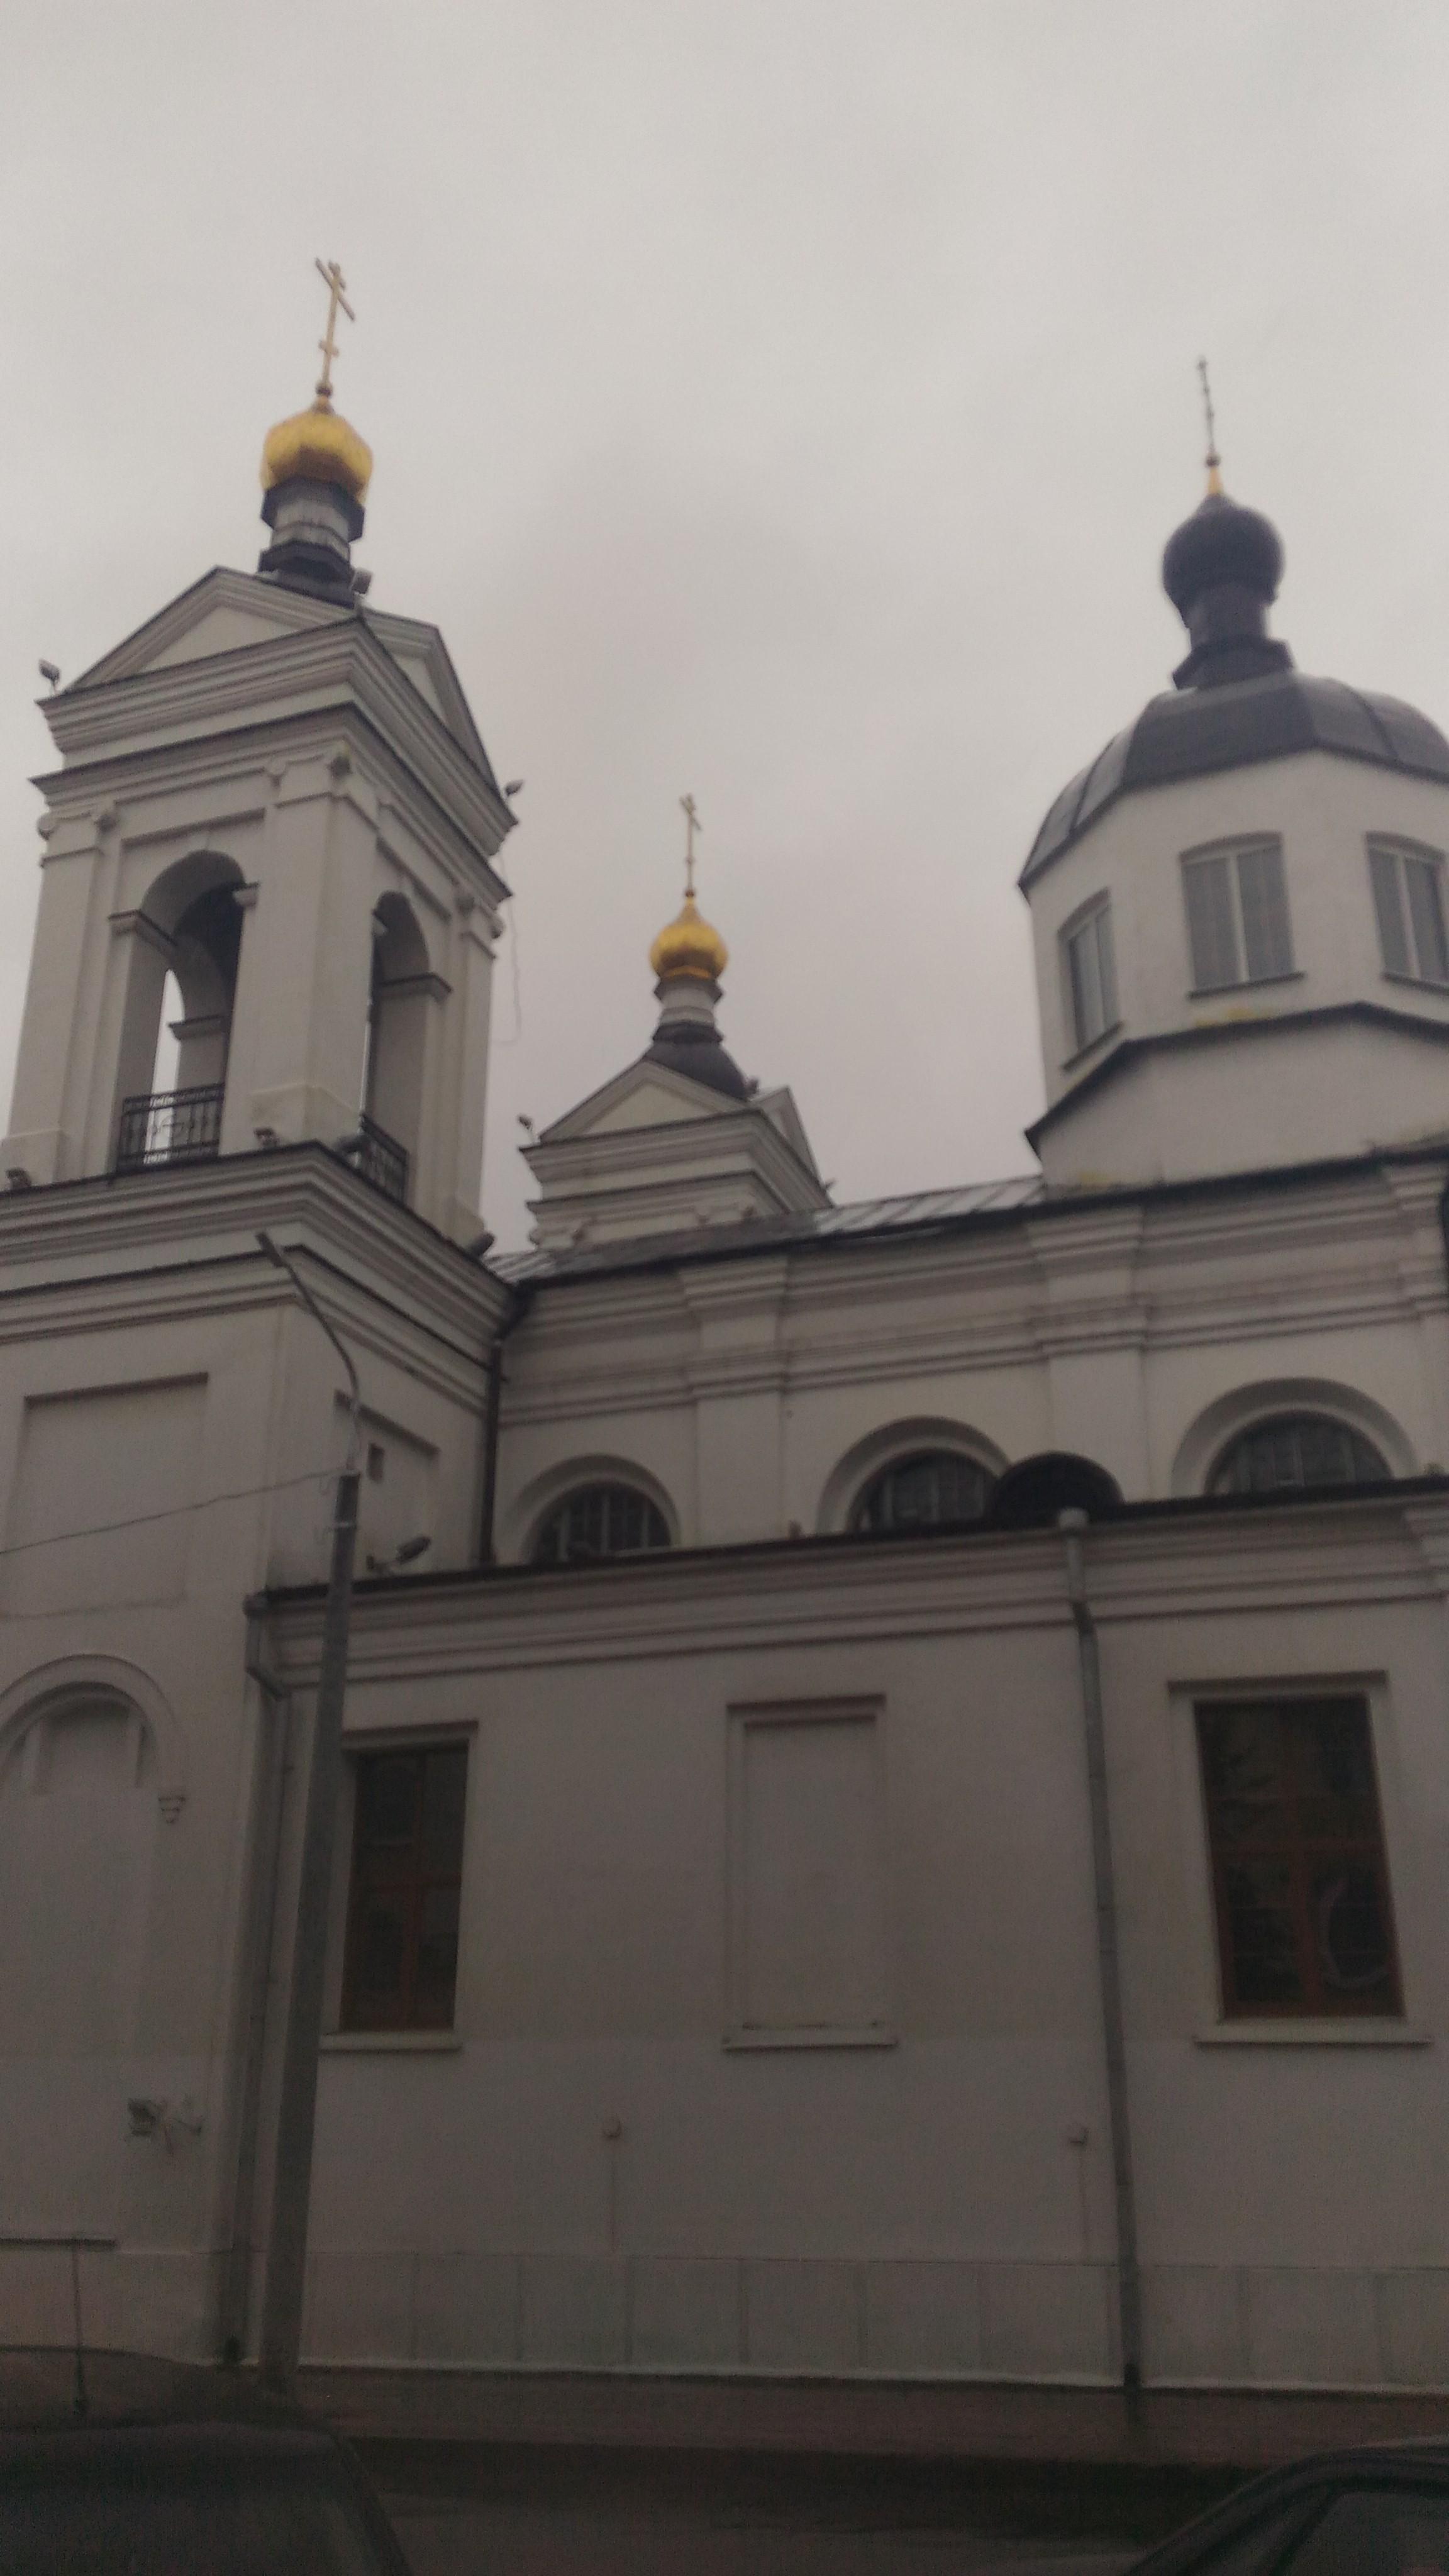 P 20191109 120441 1 - Свято-Покровский кафедральный собор в Витебске